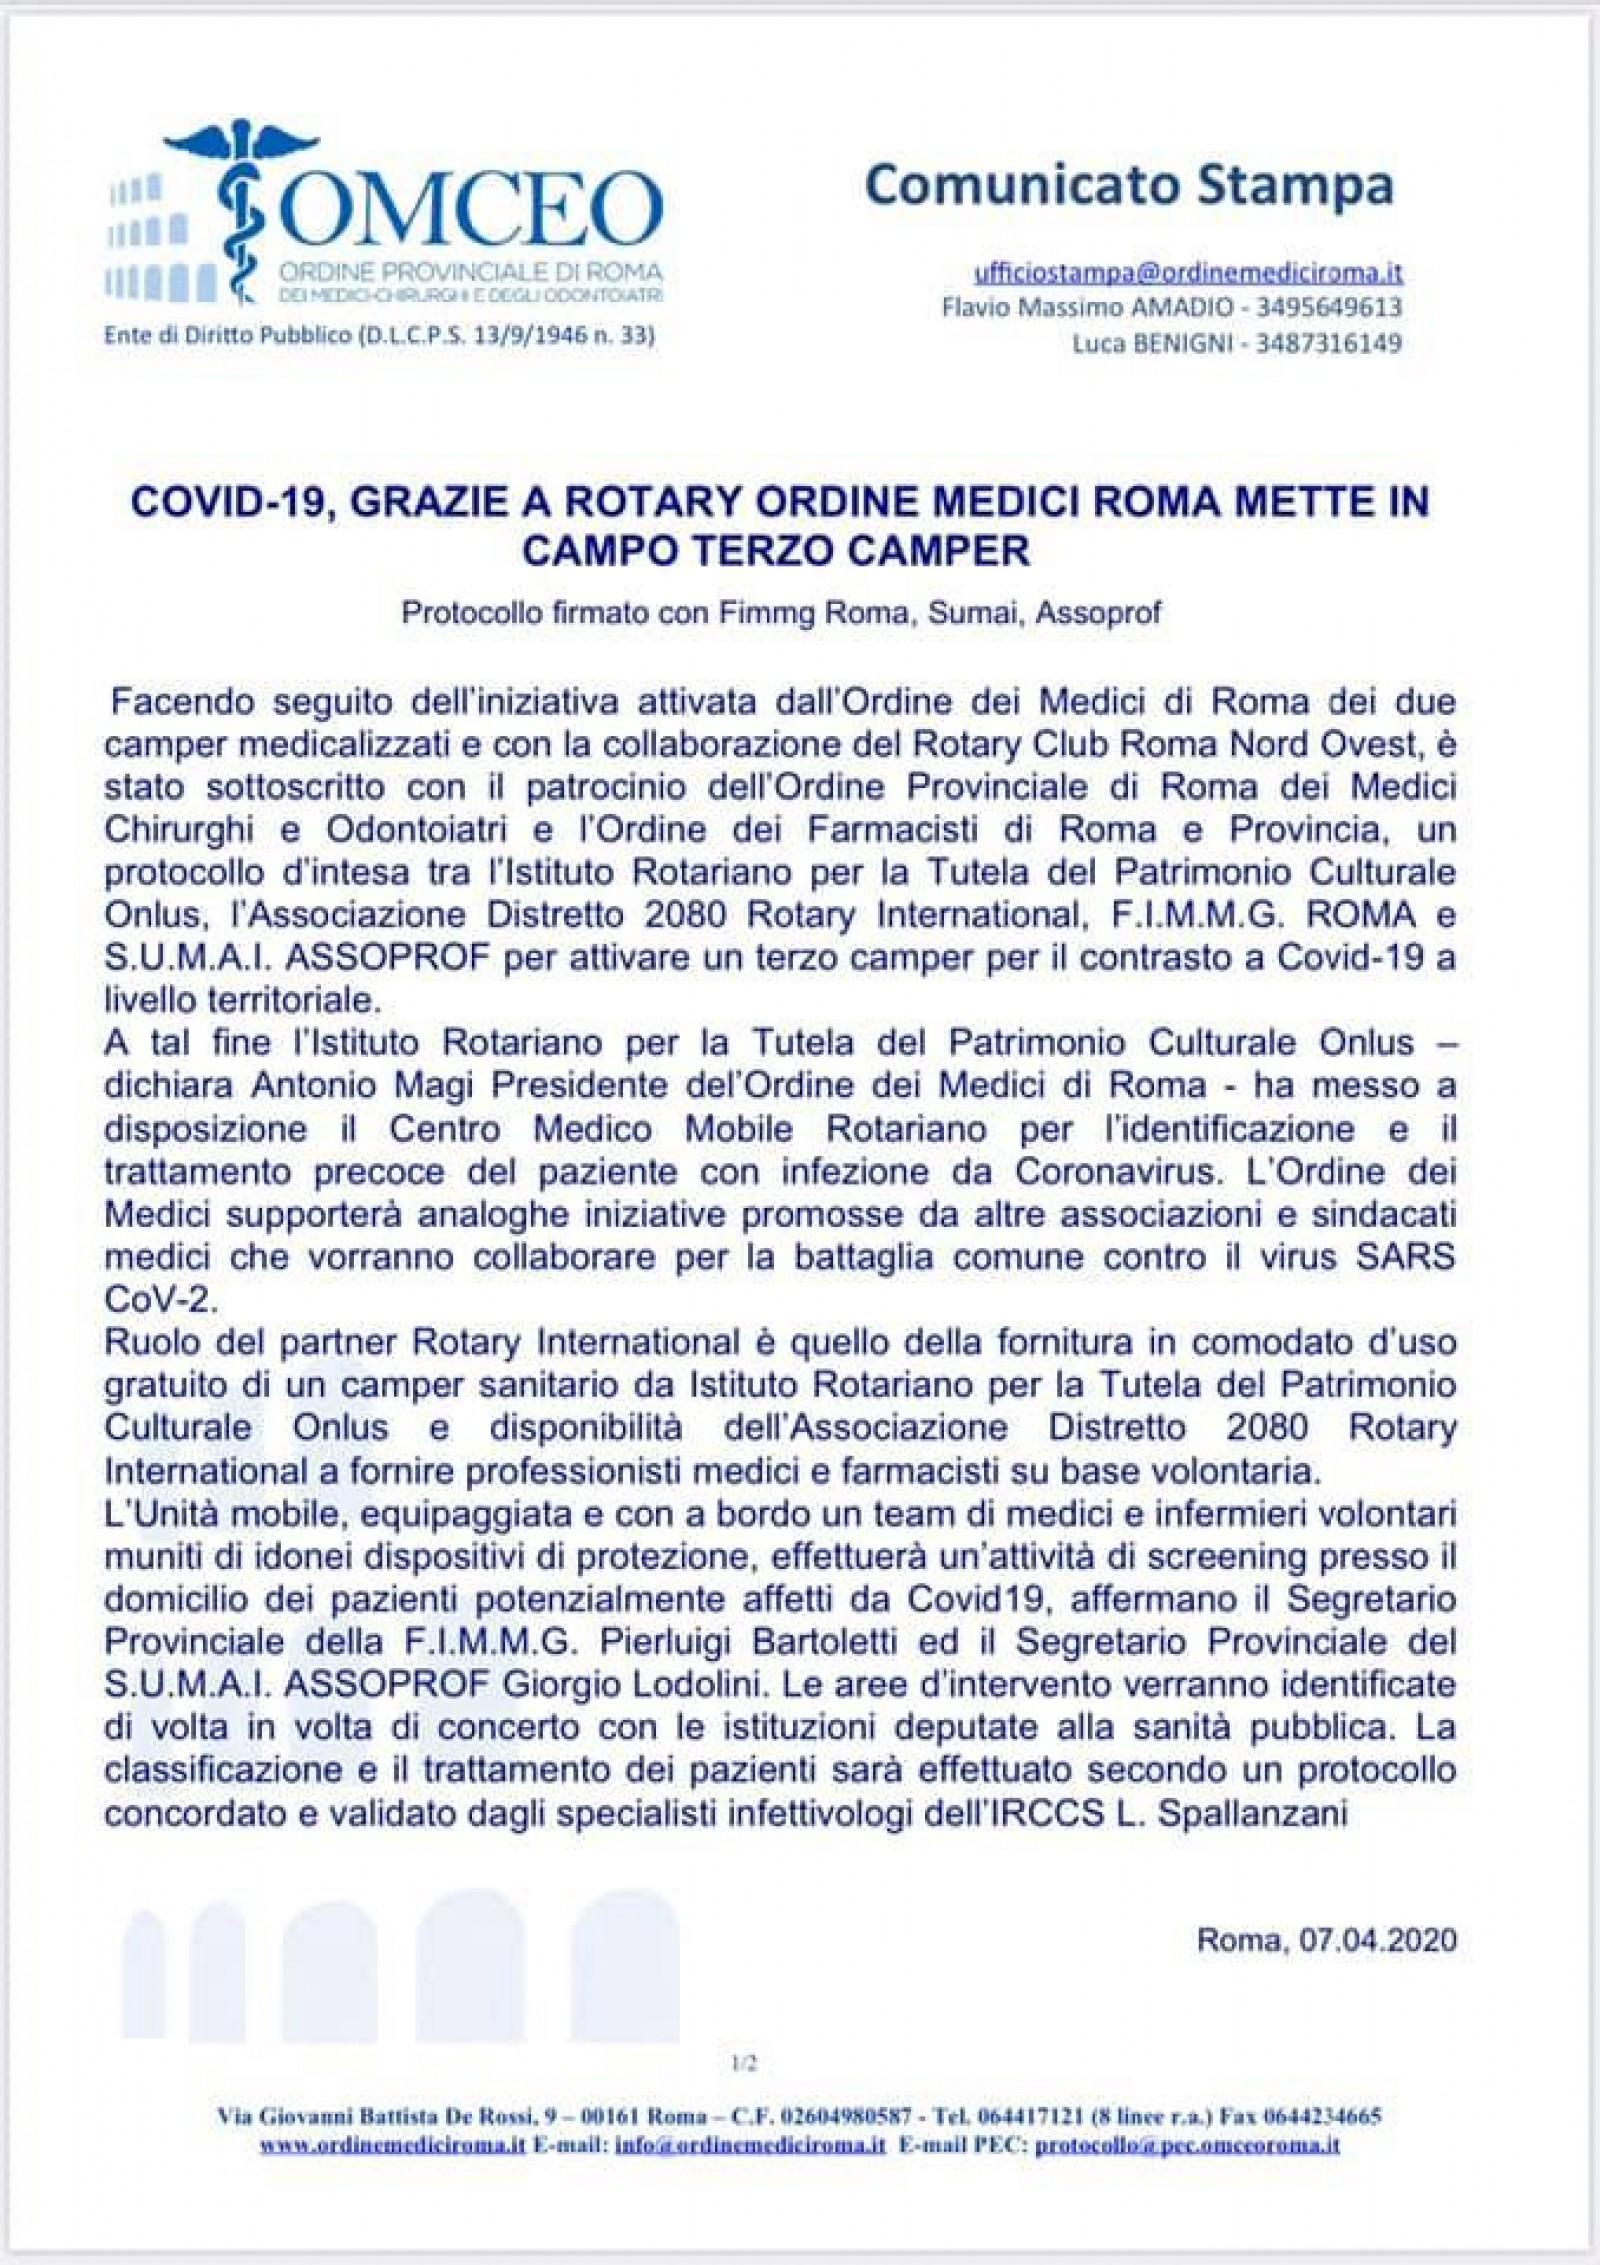 Gallery - Centro Medico Mobile Rotariano a disposizione dell' Ordine dei Medici di Roma